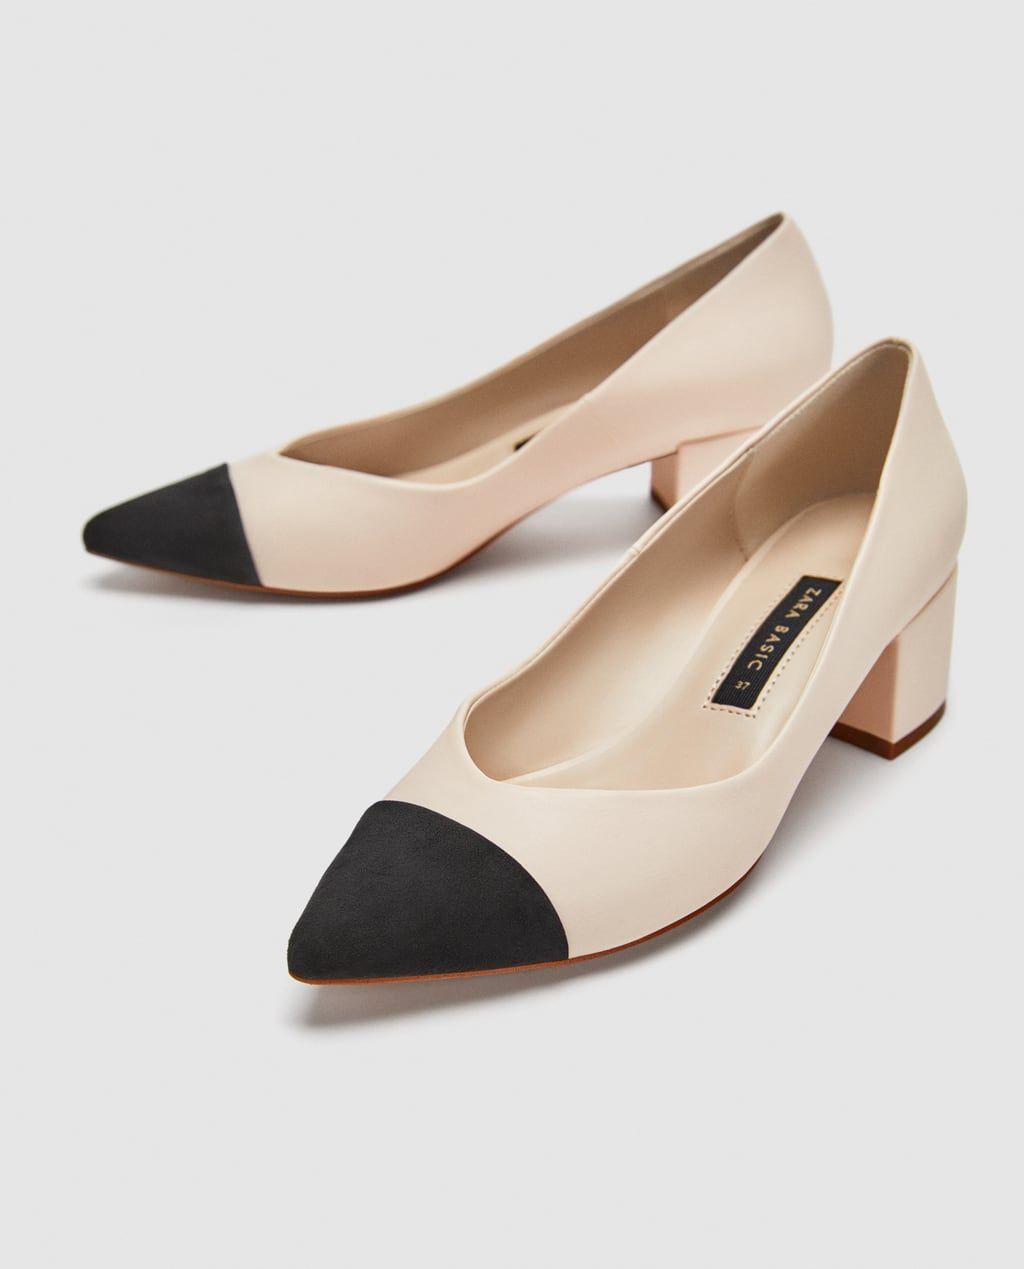 Dames schoenen | Online Fashion | ZARA Nederland Schoenen